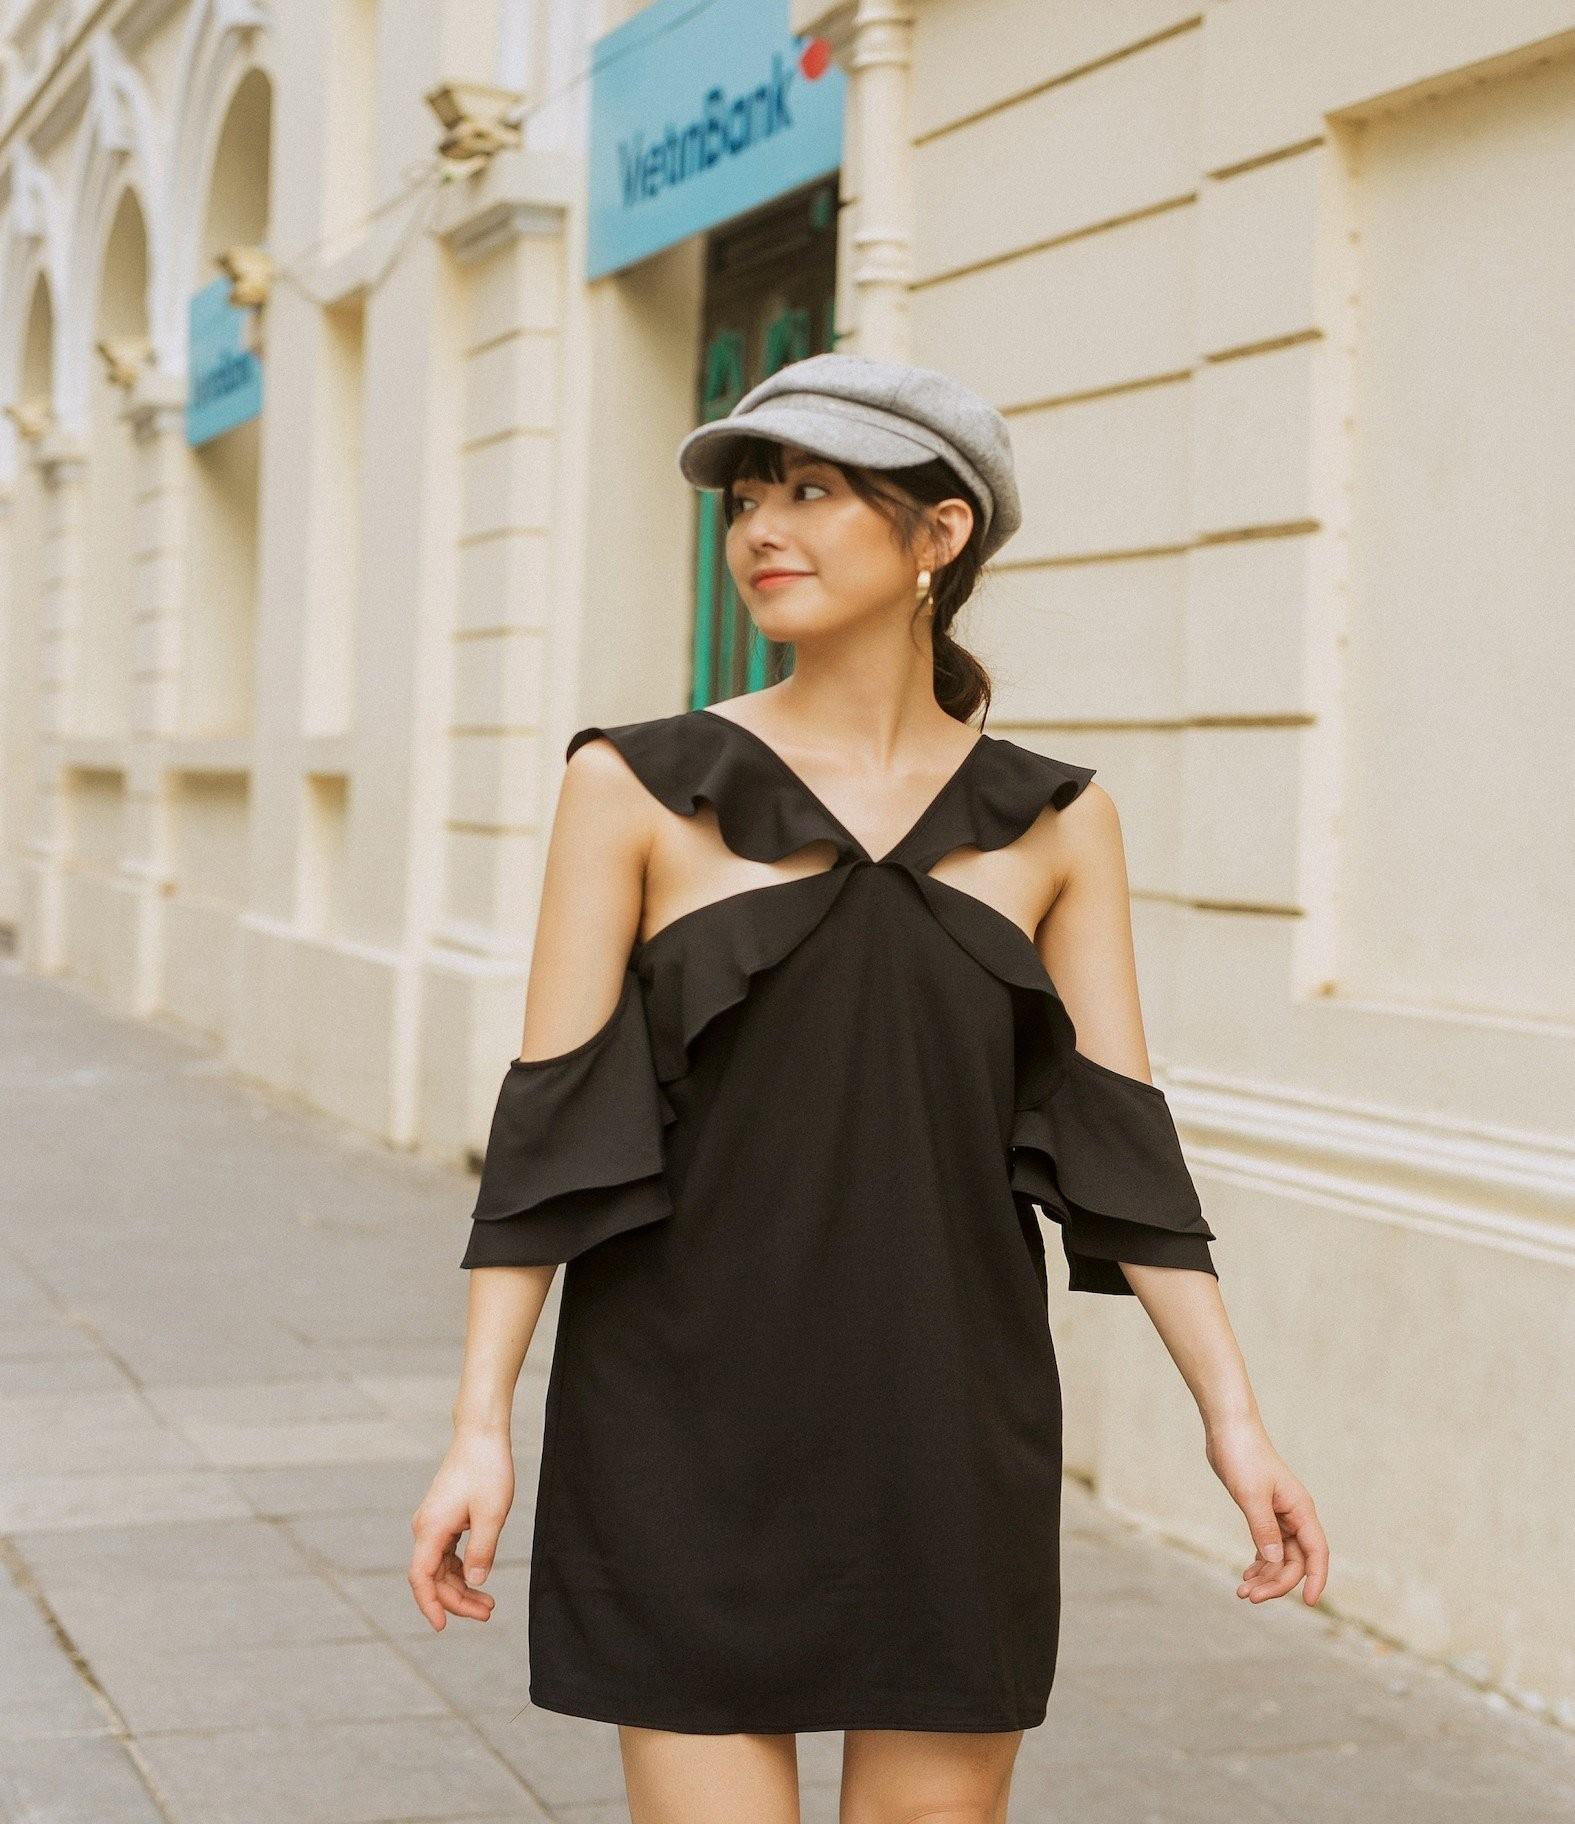 Phần vai với thiết kế cách điệu tạo điểm nhìn cân đối và tăng thêm phần nữ tính cho trang phục.